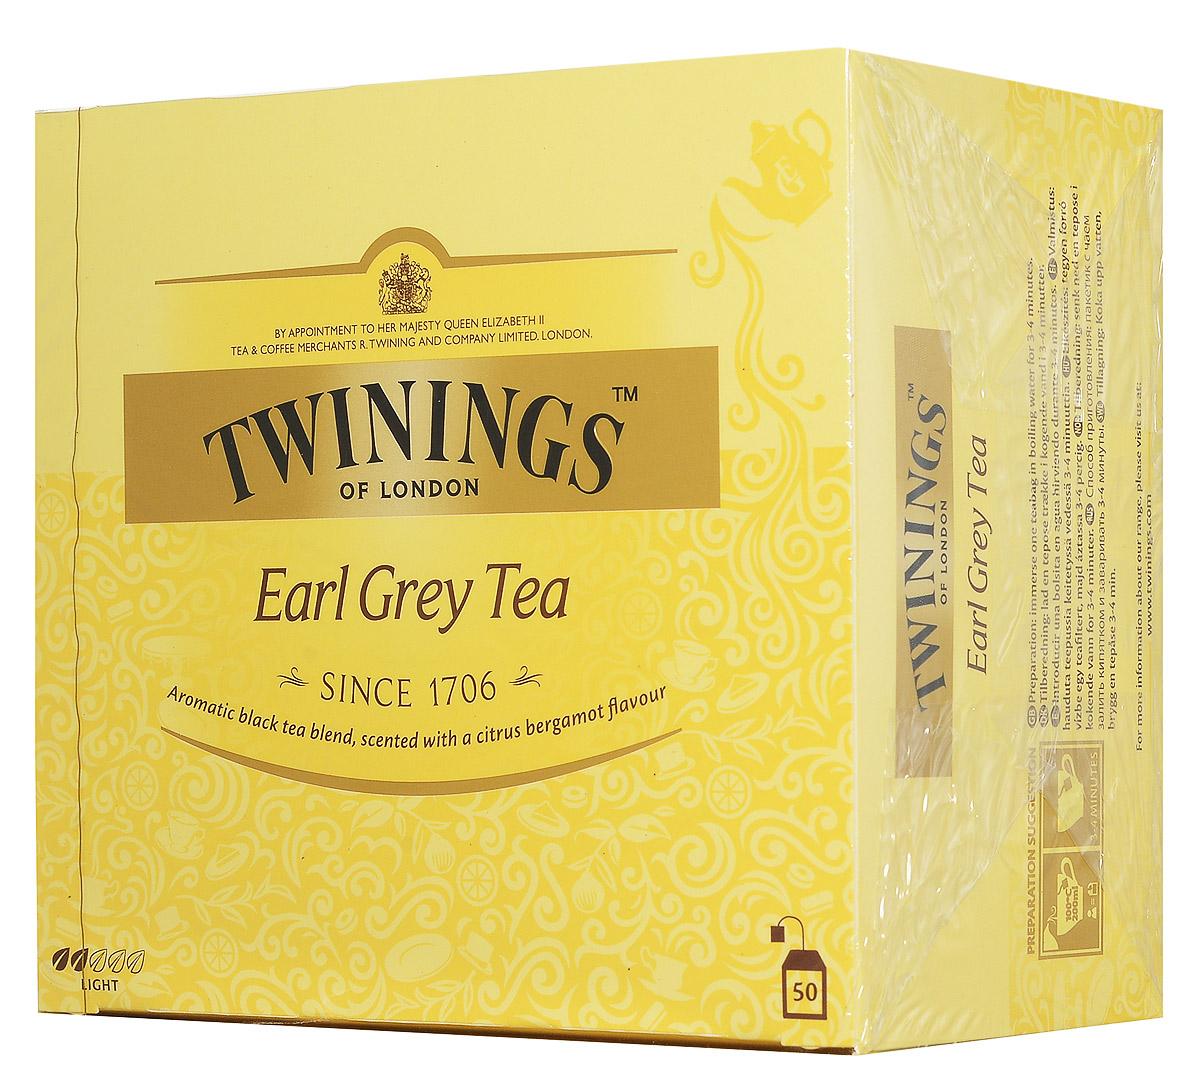 Twinings Earl Grey Tea черный ароматизированный чай в пакетиках, 50 шт070177078966Twinings Earl Grey - ароматная смесь черного чая с цитрусовым вкусом бергамота.